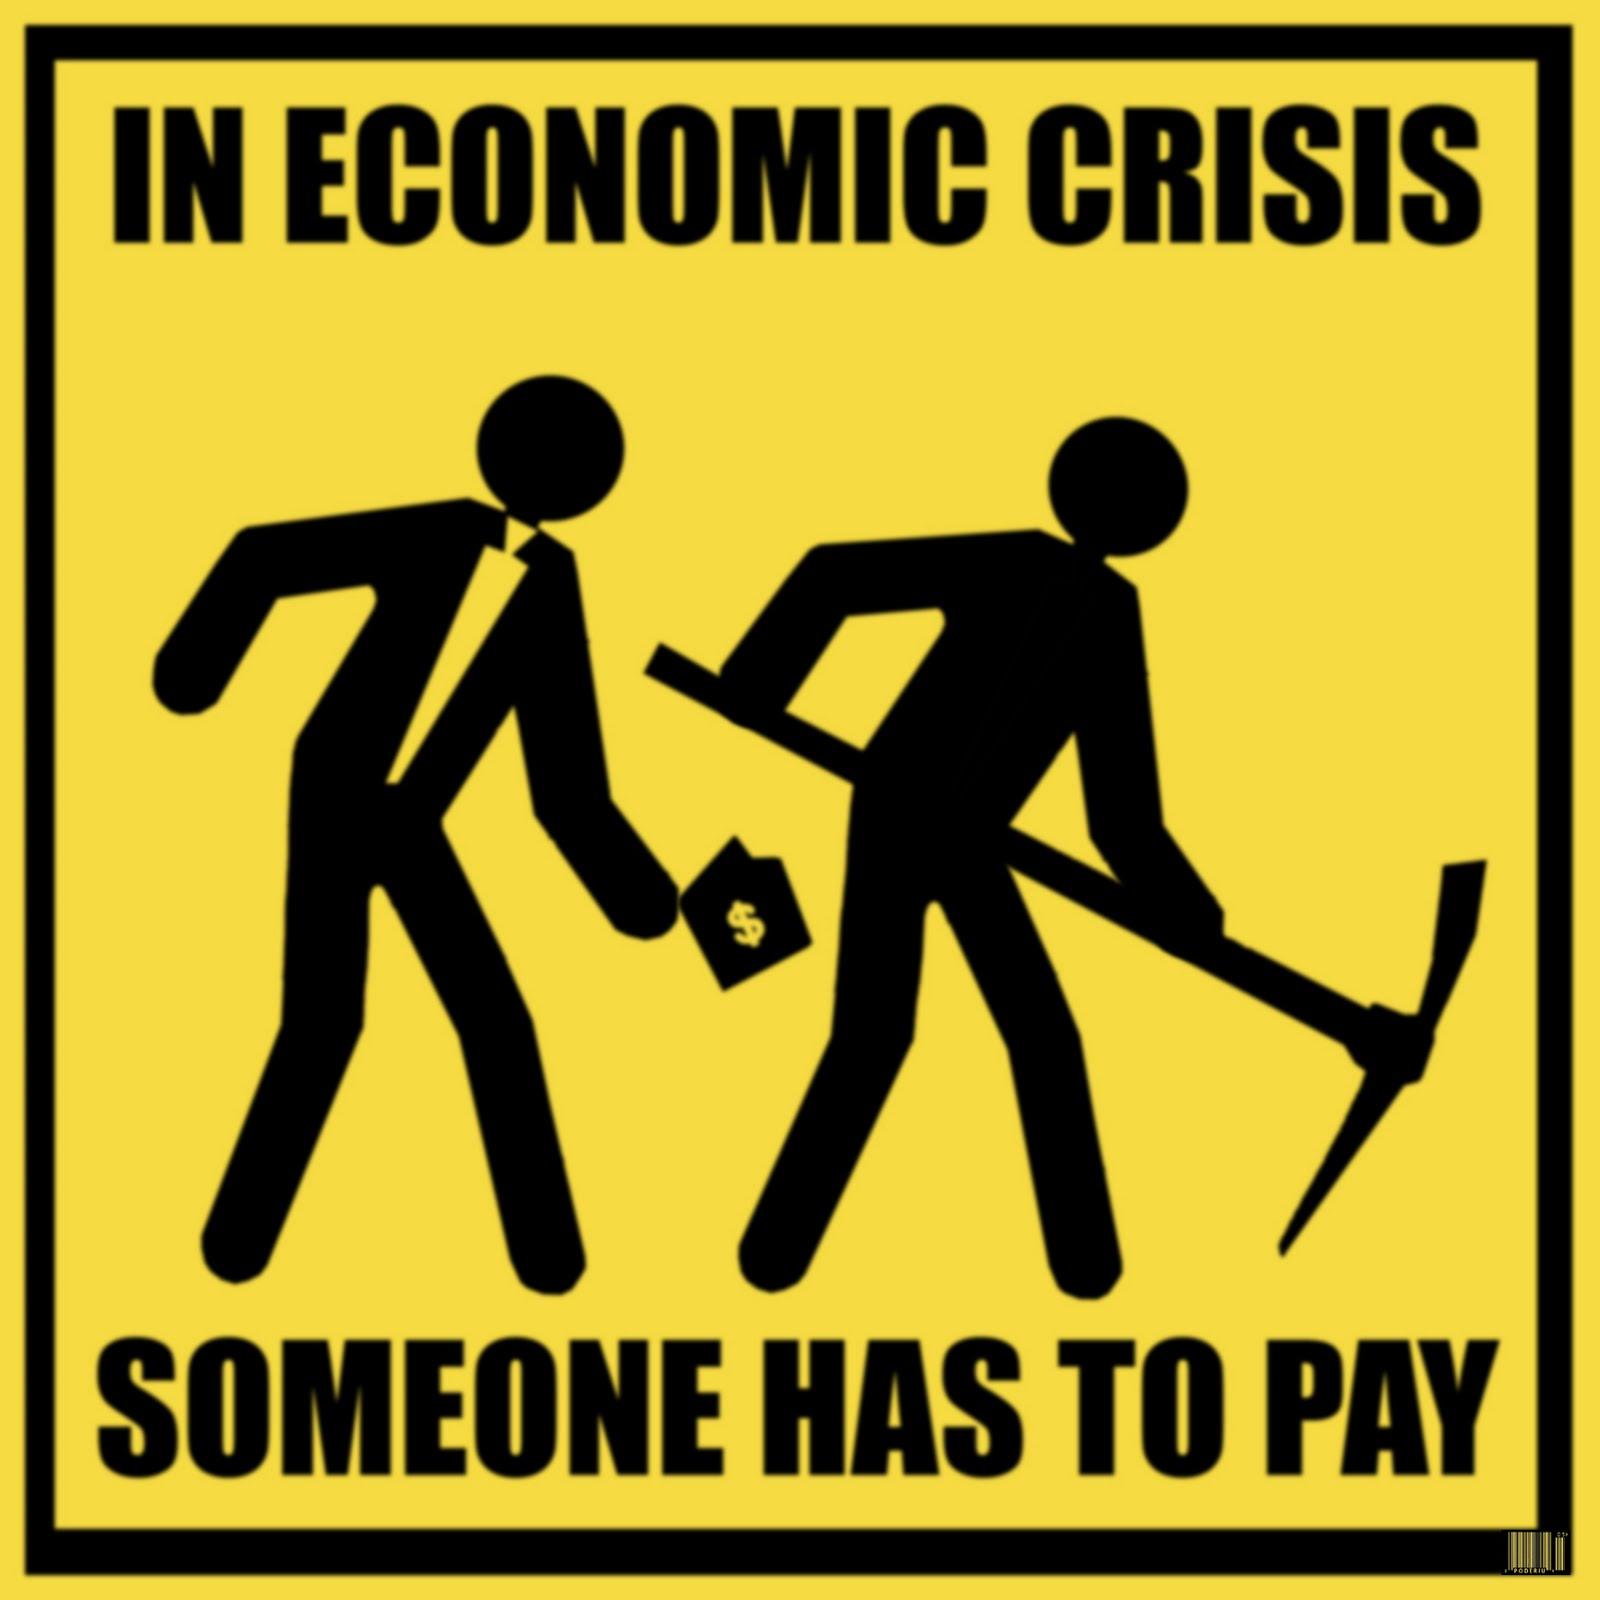 Link to Read me: Ще се приготвят ли търговците за втора криза? Антикризисни мерки